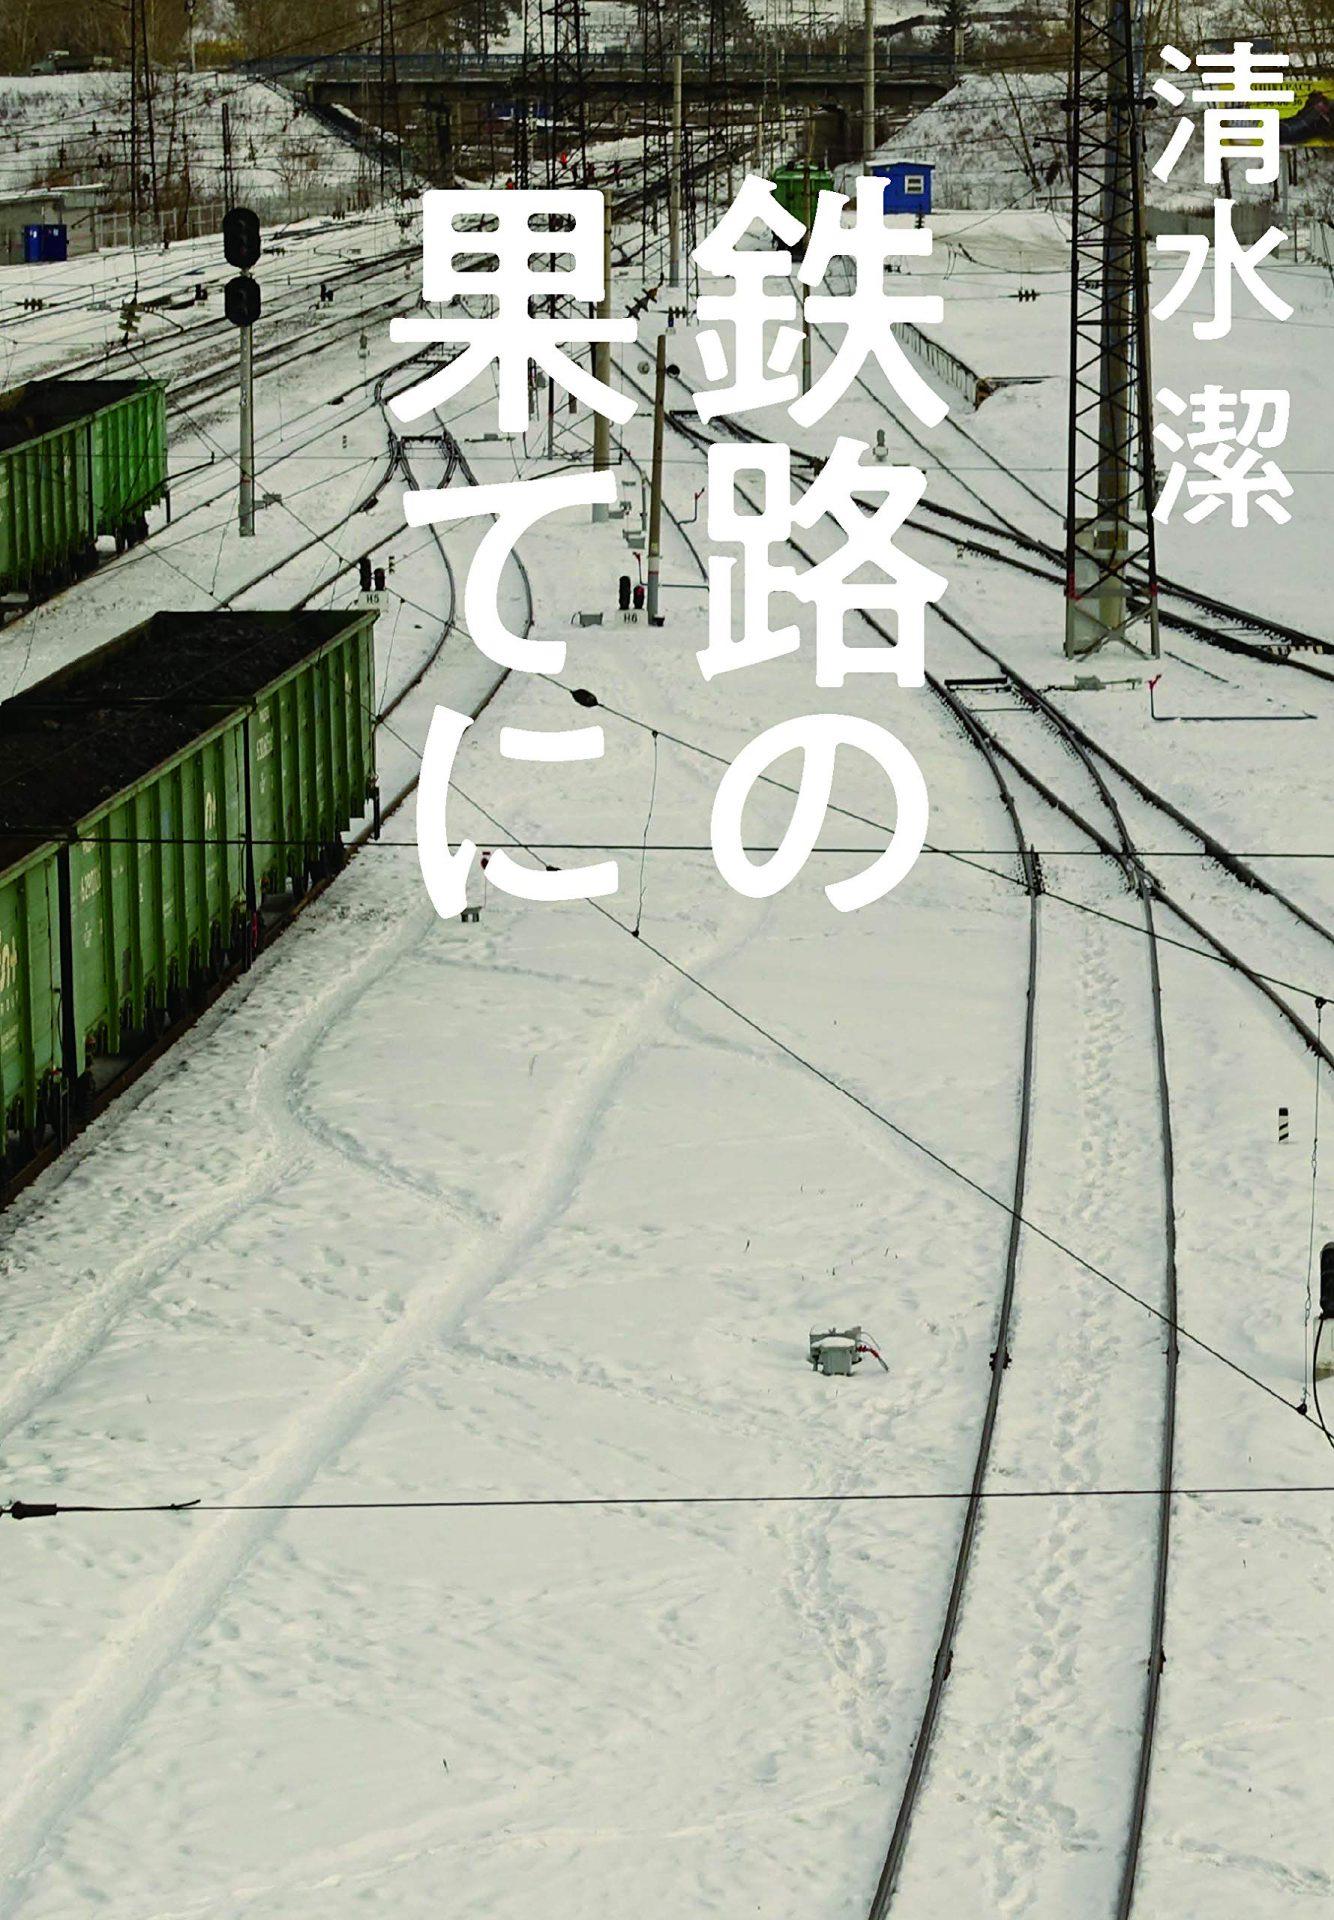 清水潔『鉄路の果てに』をテッテ的に紹介する!!!